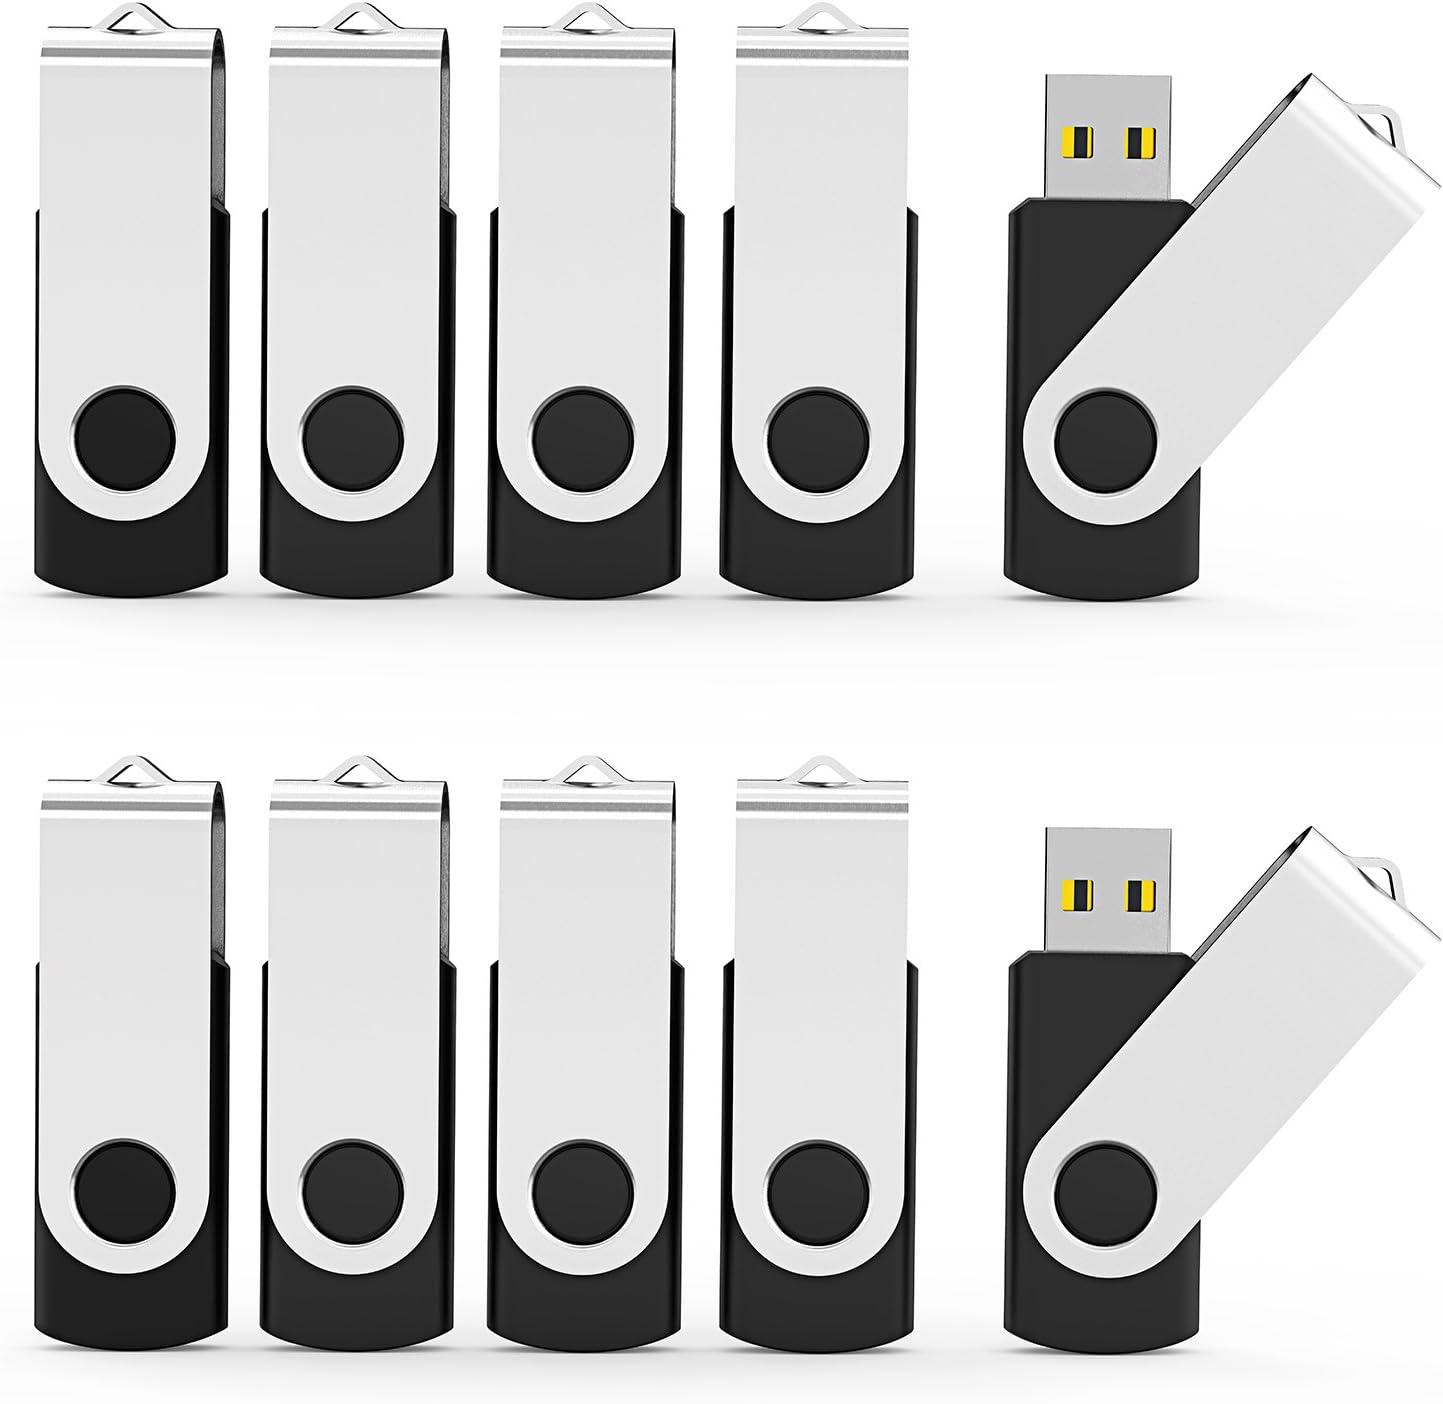 Black Aiibe 32 GB Flash Drive USB 3.0 USB Flash Drives 10 Pack Thumb Drive USB Stick Jump Drive 32GB 3.0